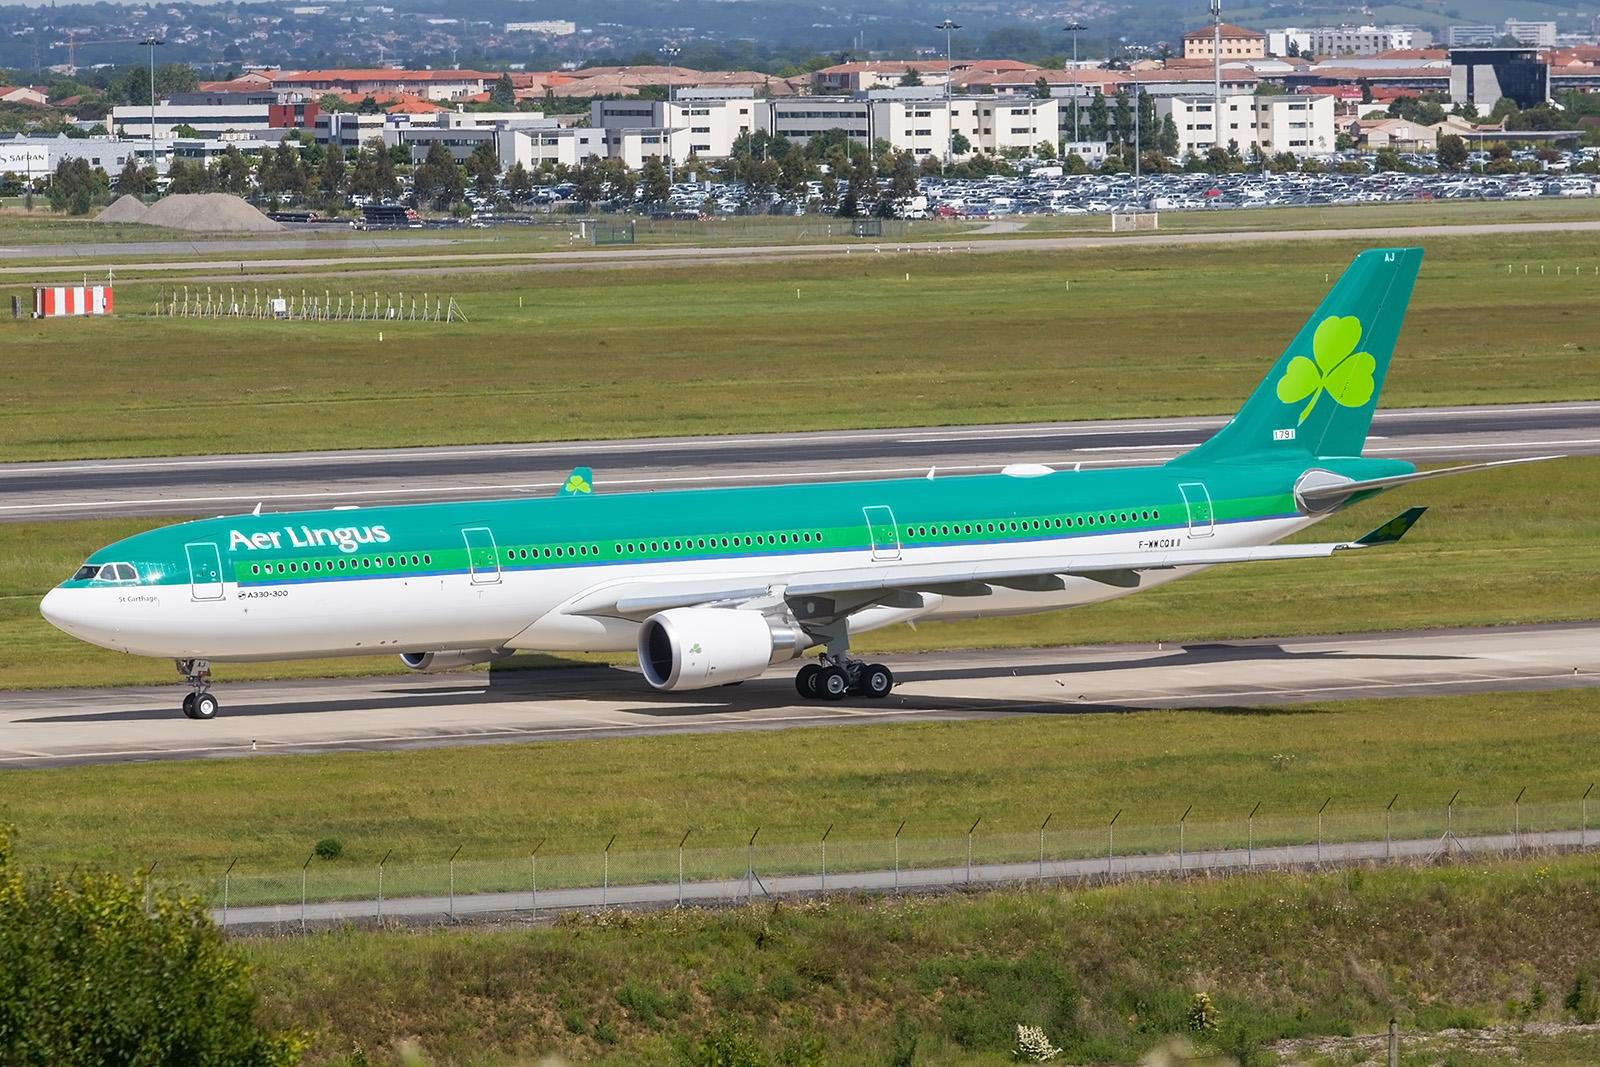 Die EI-GAJ für Aer Lingus auf dem Weg zum Testflug.